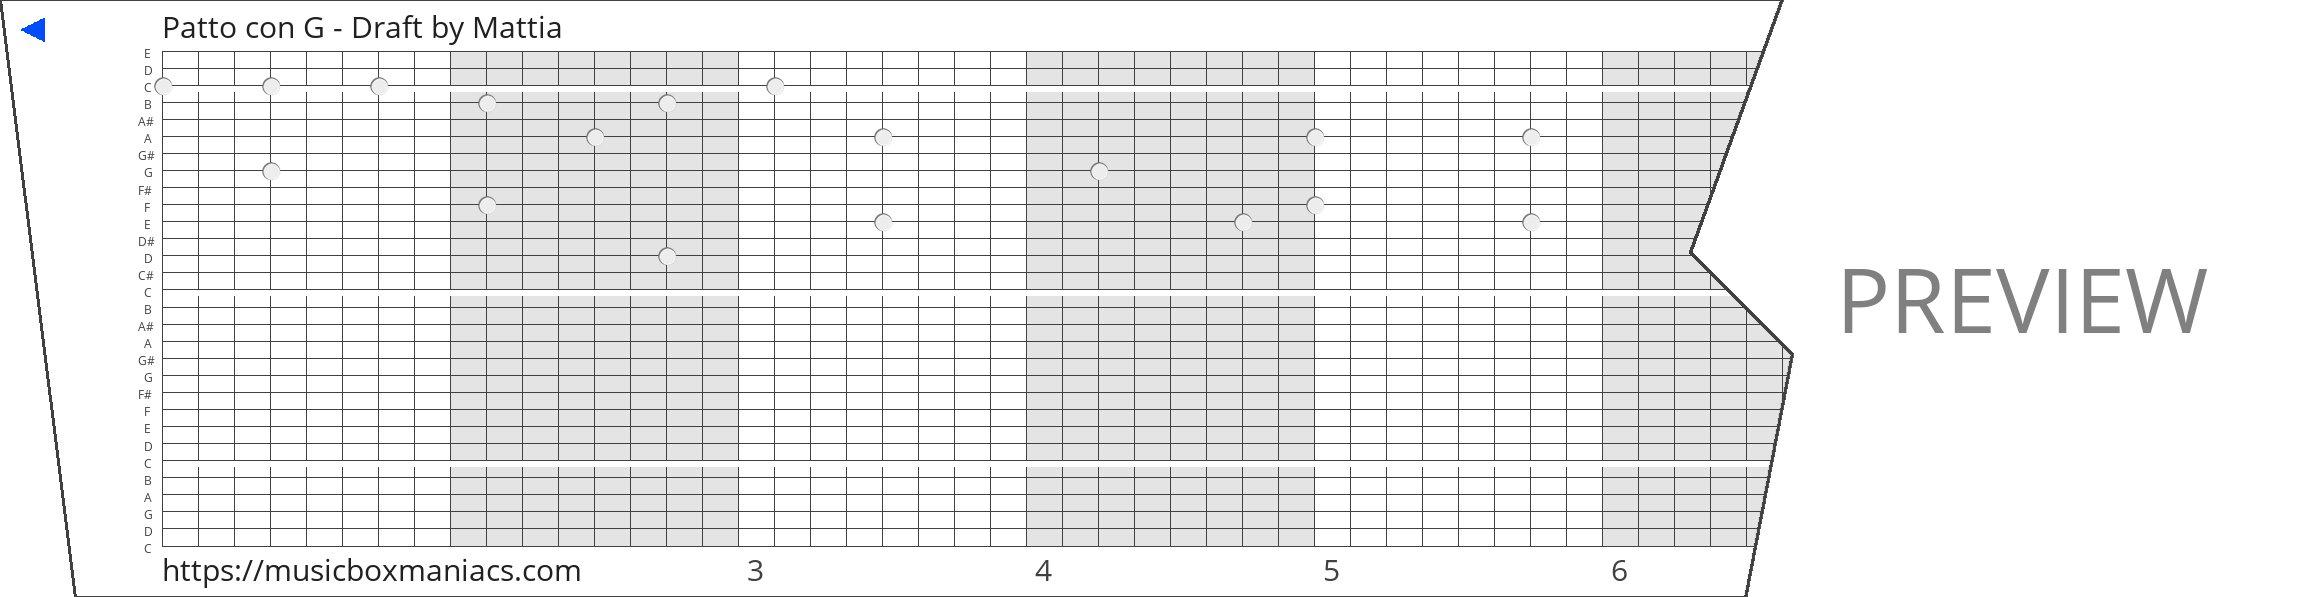 Patto con G - Draft 30 note music box paper strip